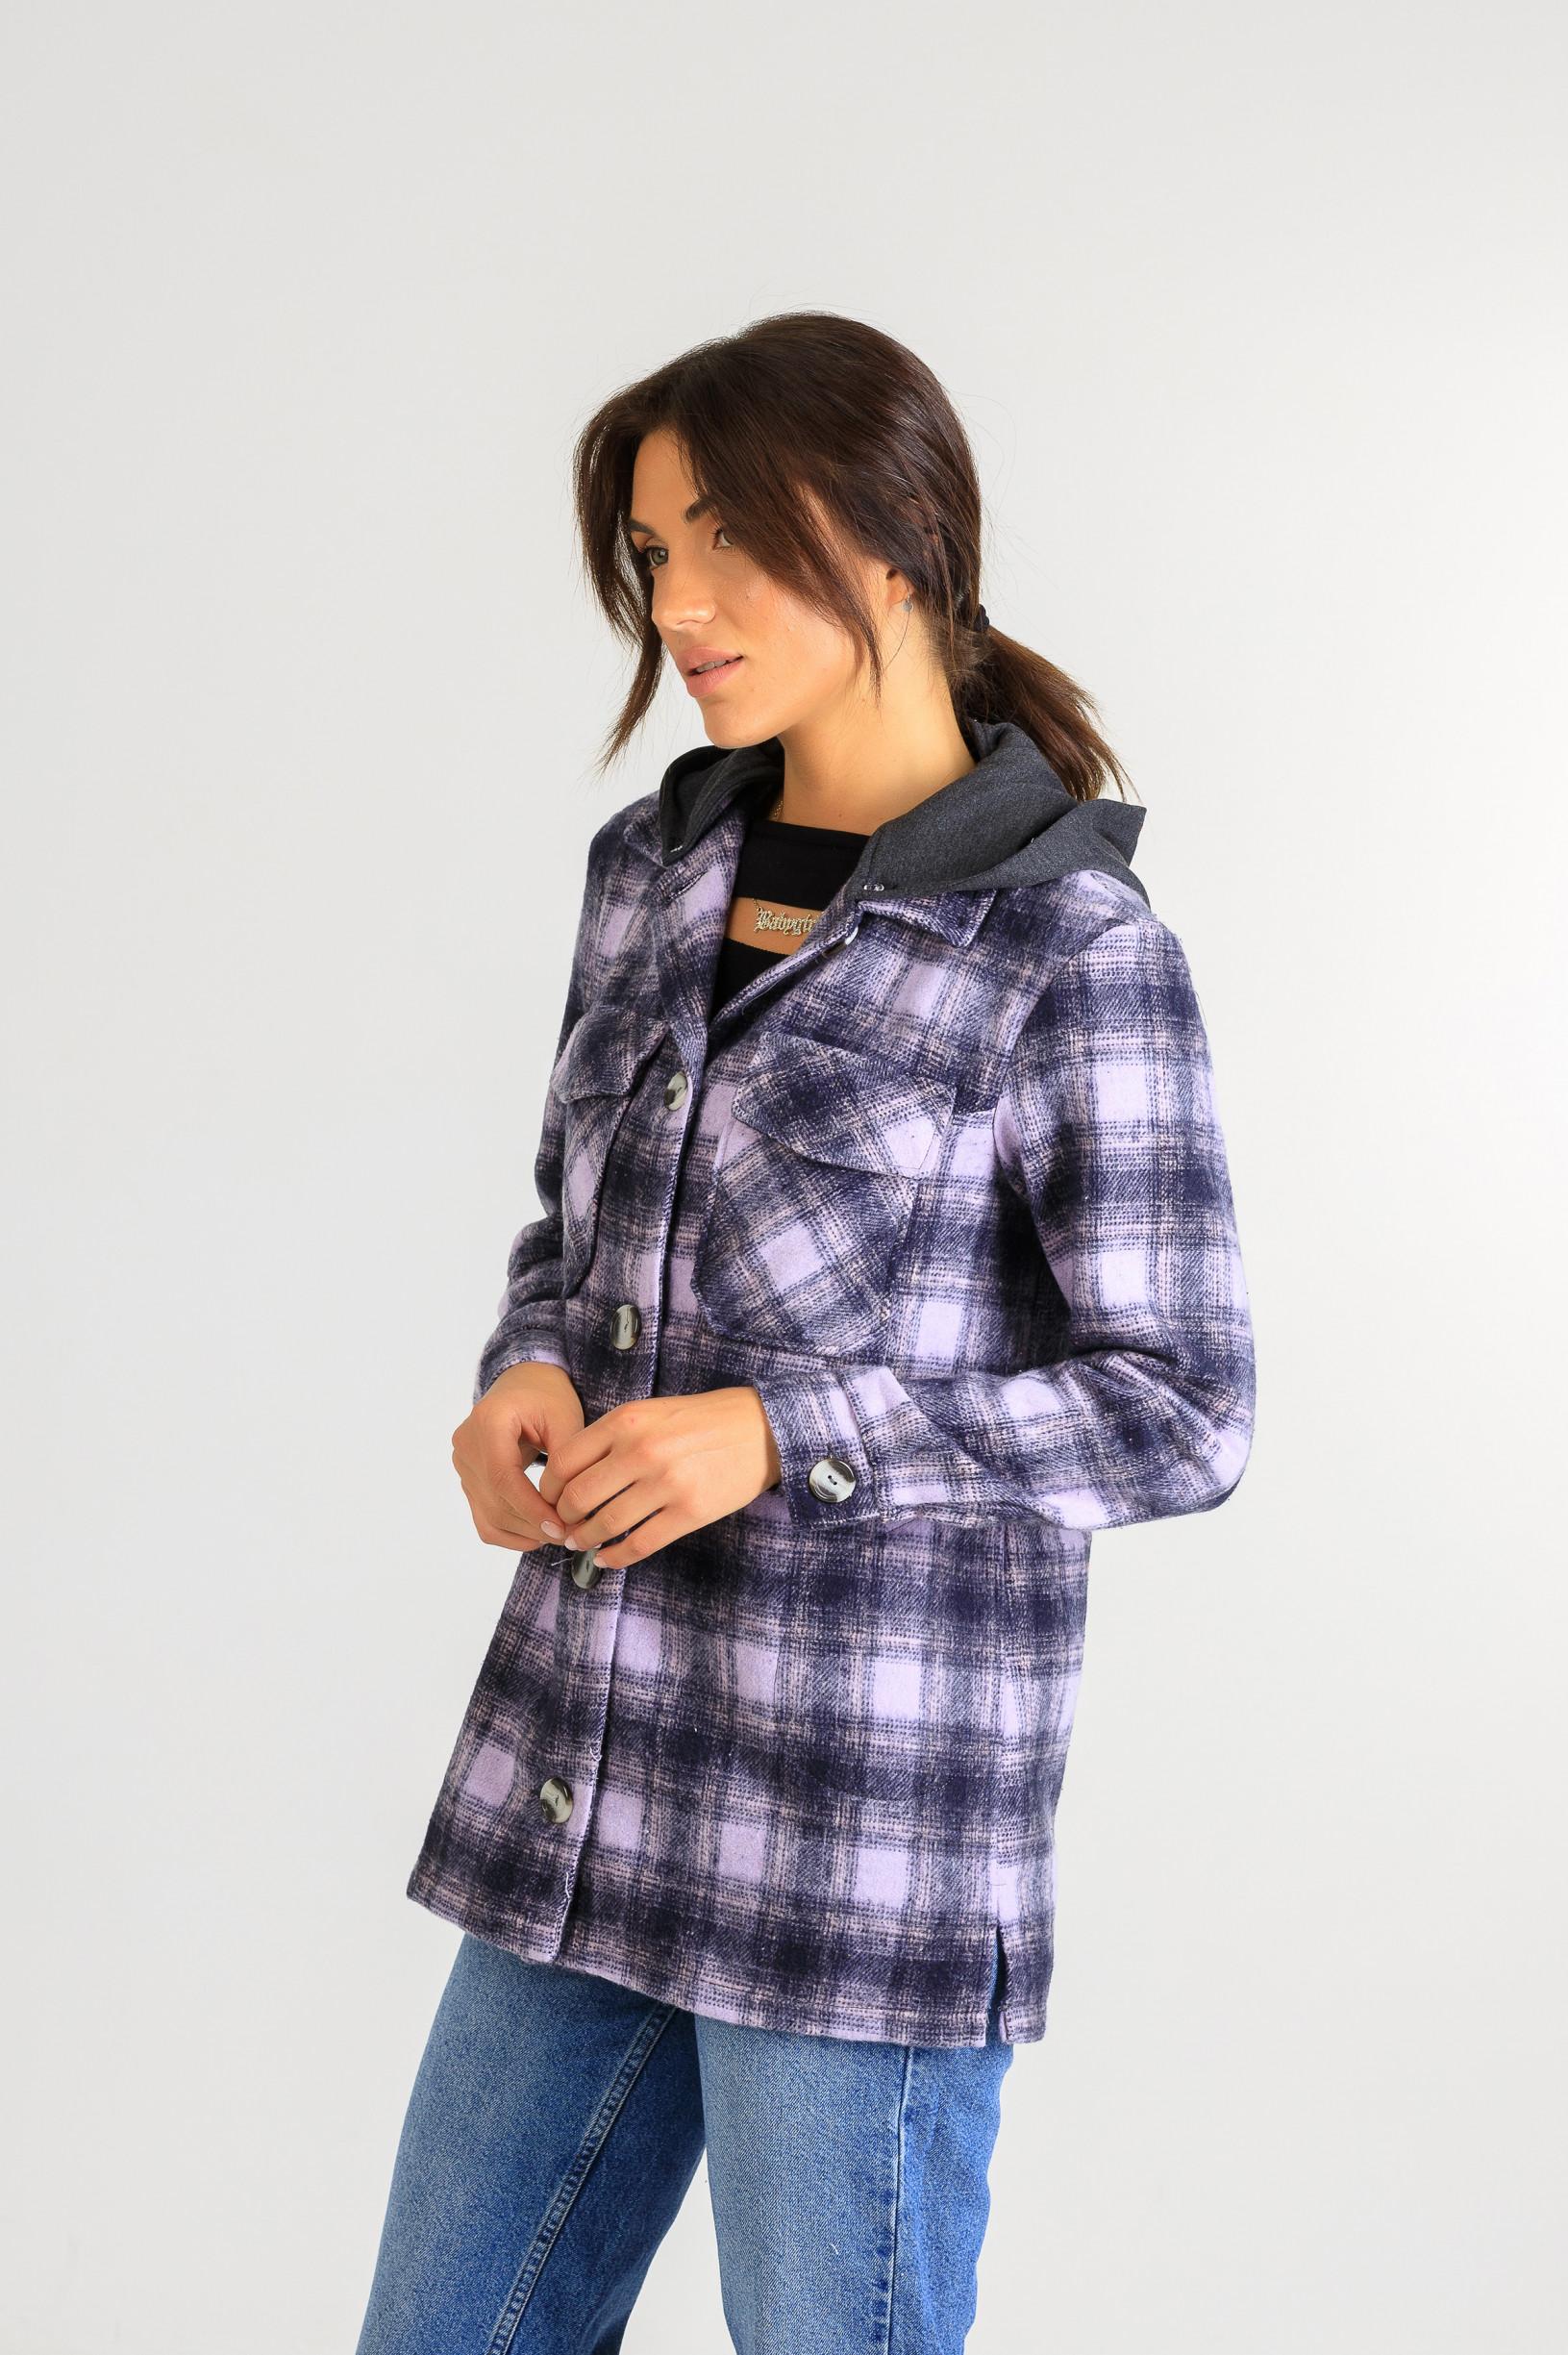 Кардиган-рубаха с капюшоном в клетку Р948 тёмно-фиолетовый